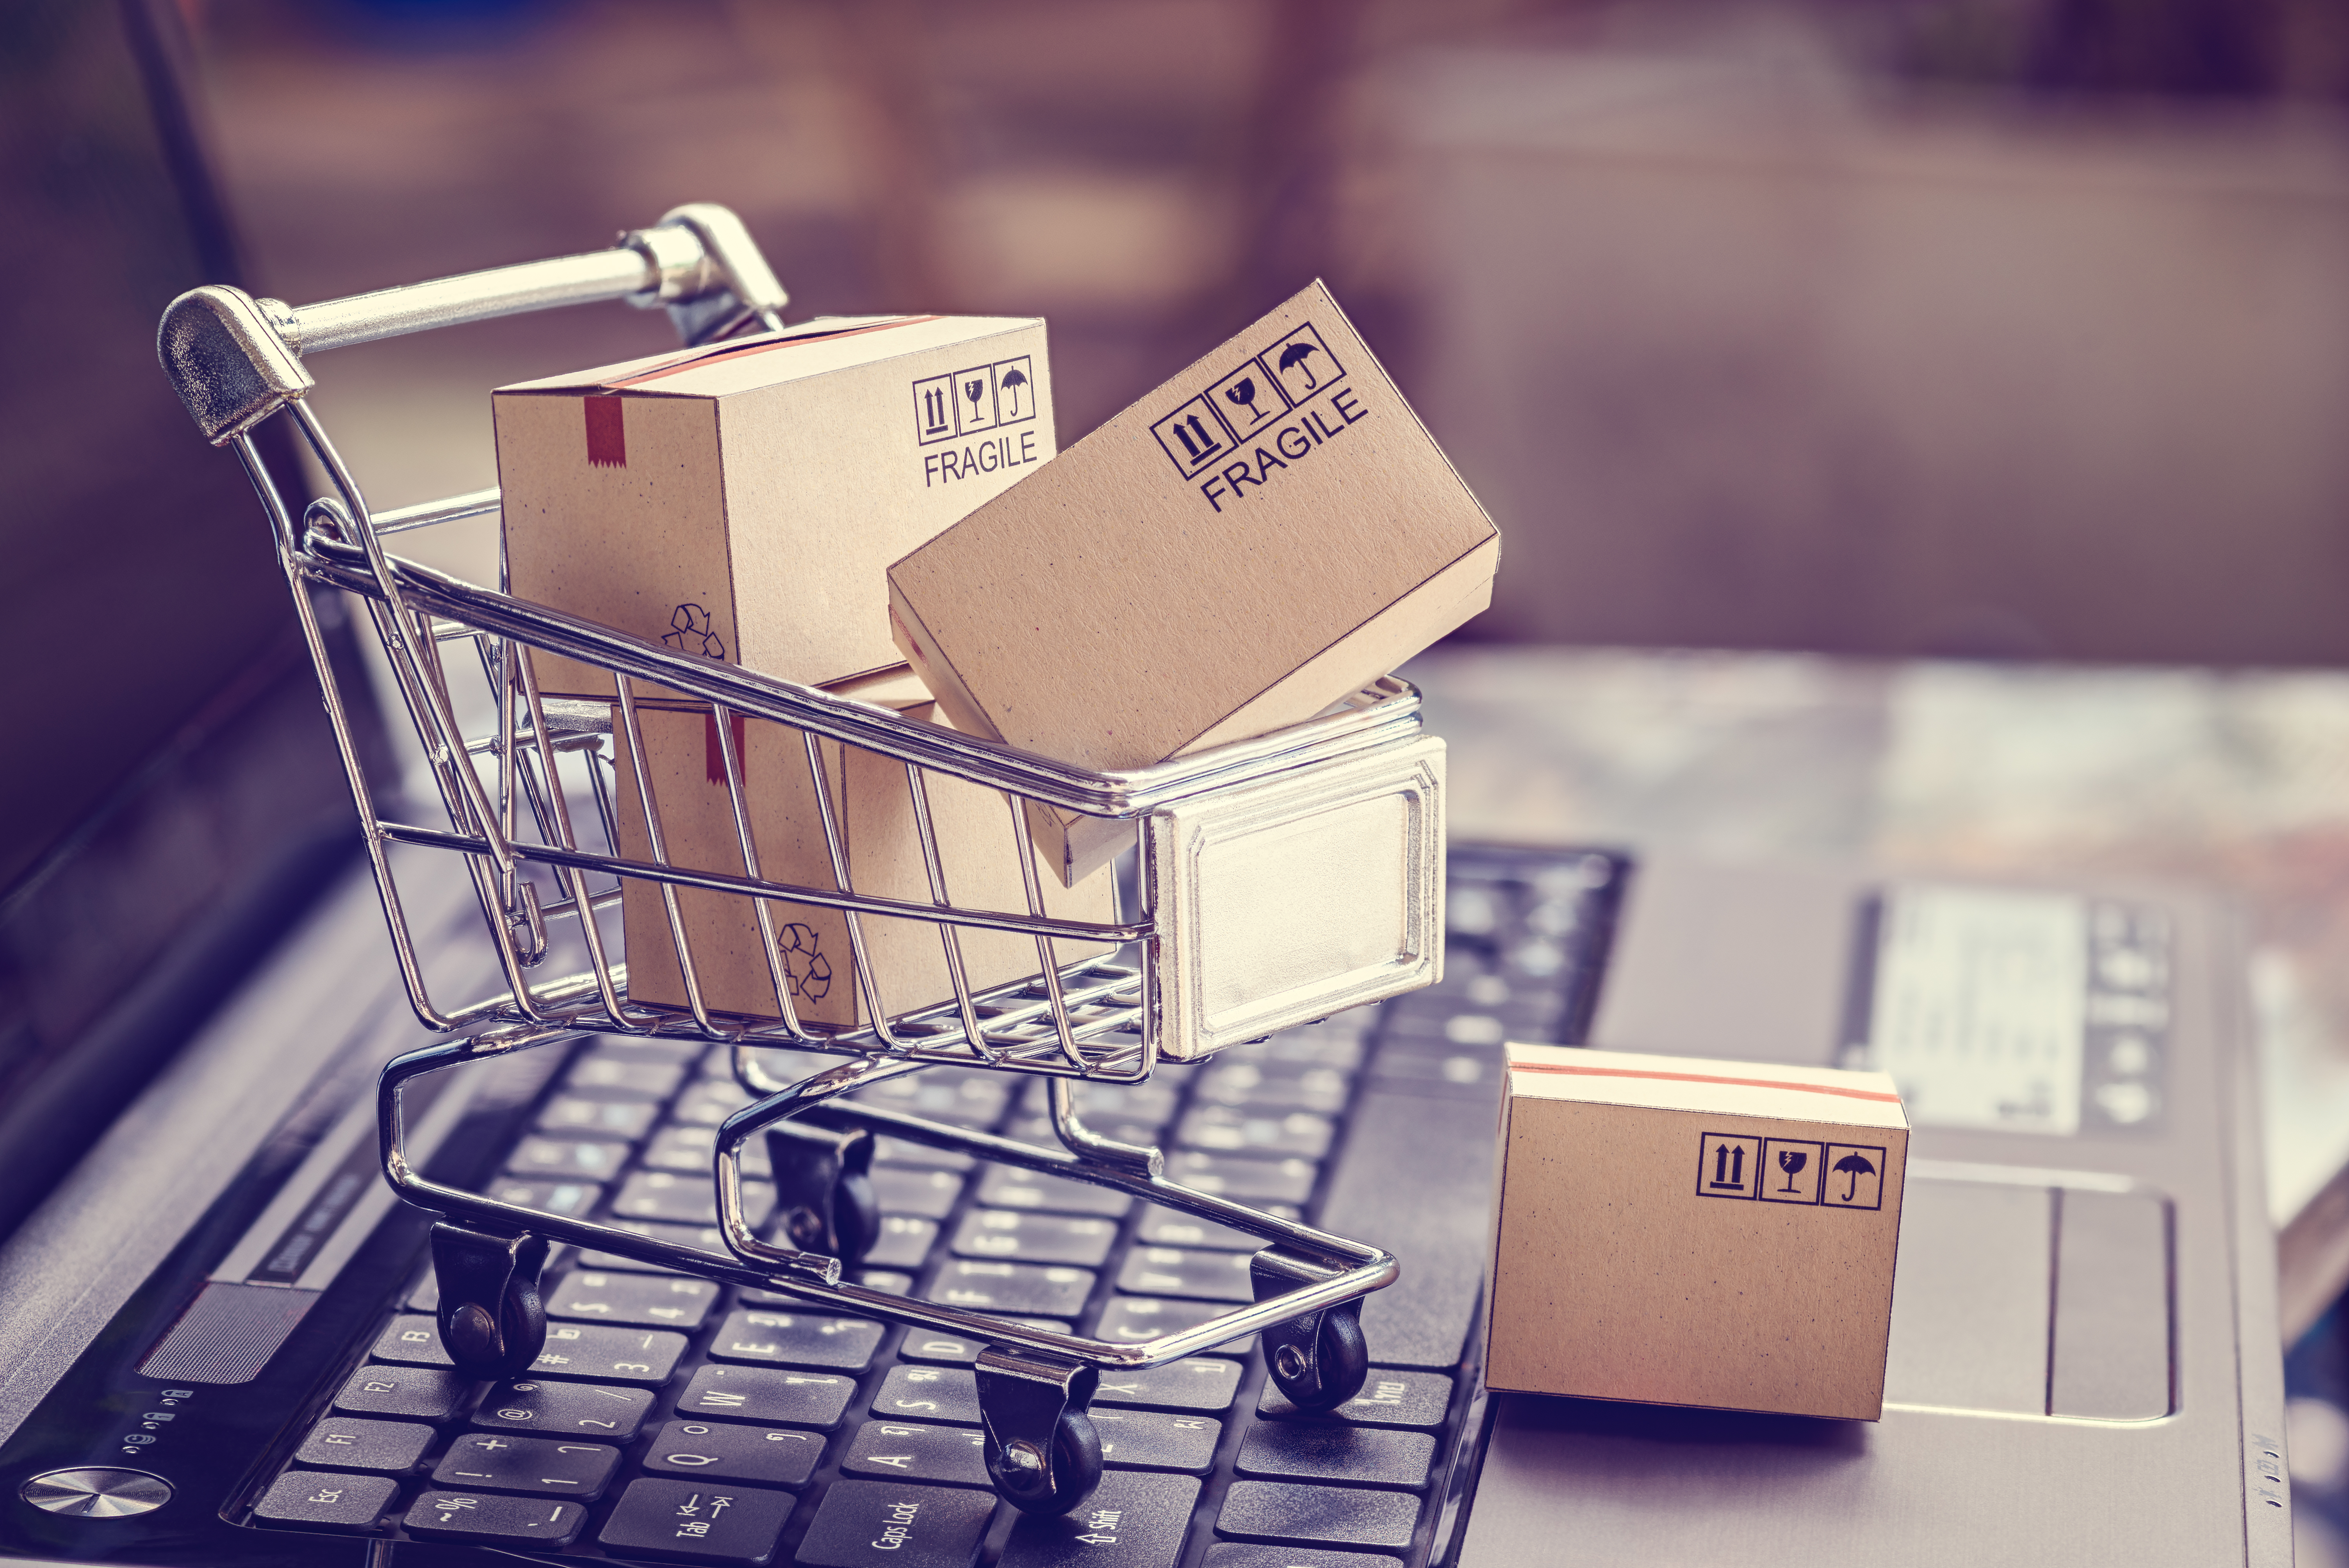 販促品とコンプライアンスの問題